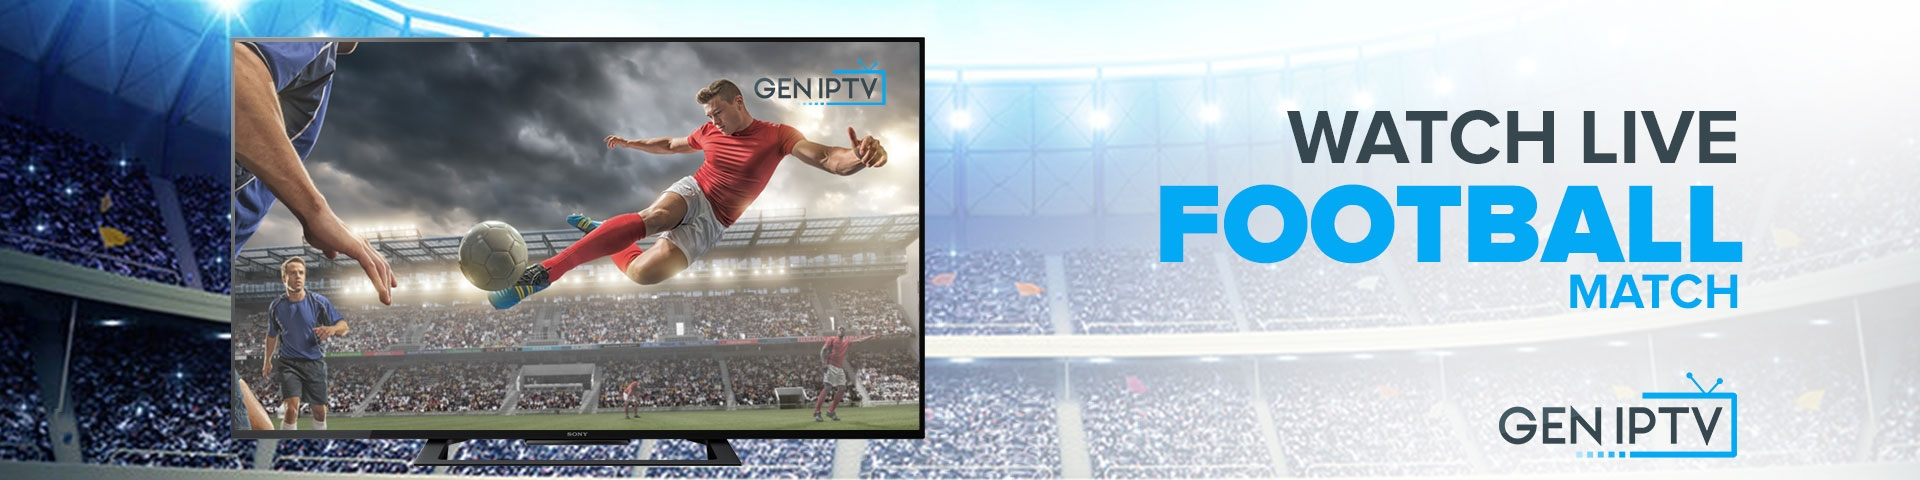 Gen IPTV (@geniptvofficial) Cover Image